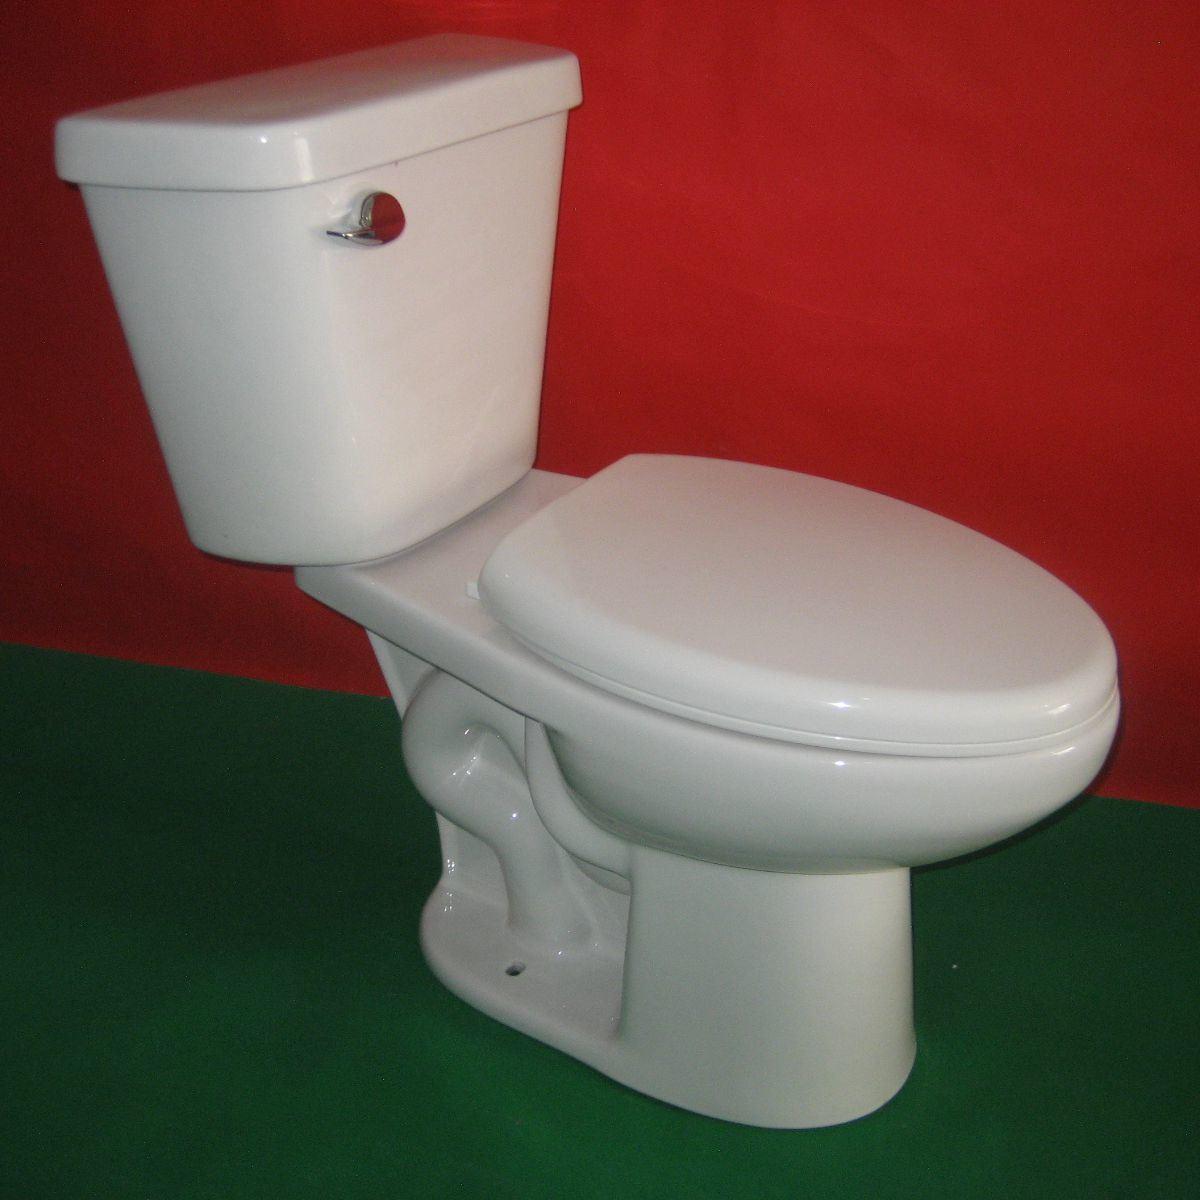 haute performance two piece toilet haute performance two piece toilet fournis. Black Bedroom Furniture Sets. Home Design Ideas